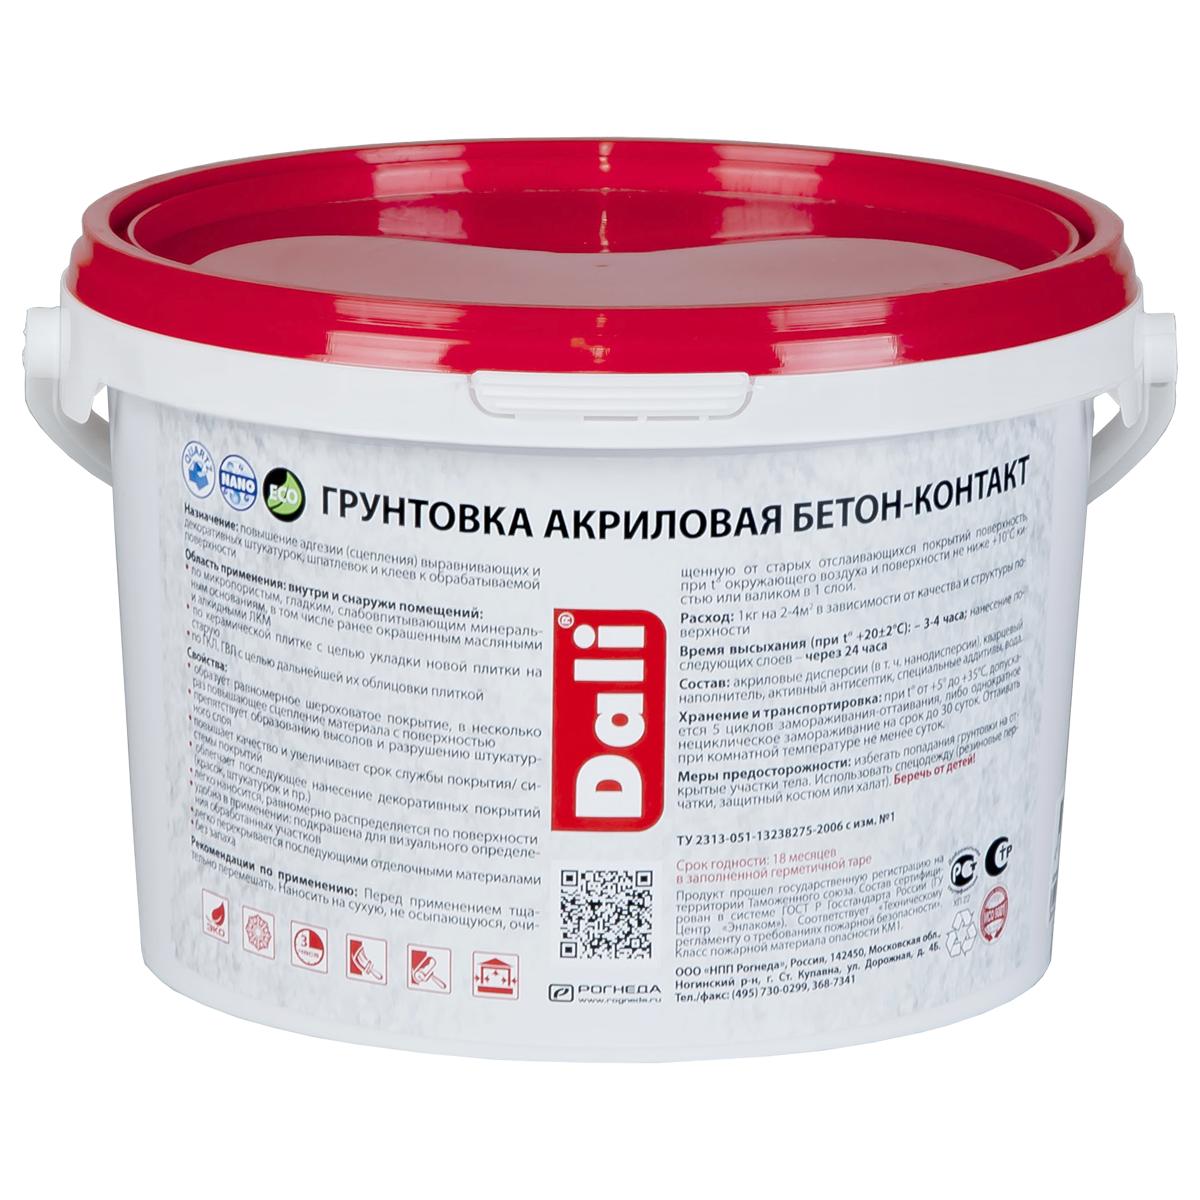 Бетон контакт купить в тамбове плотность влажность керамзитобетон